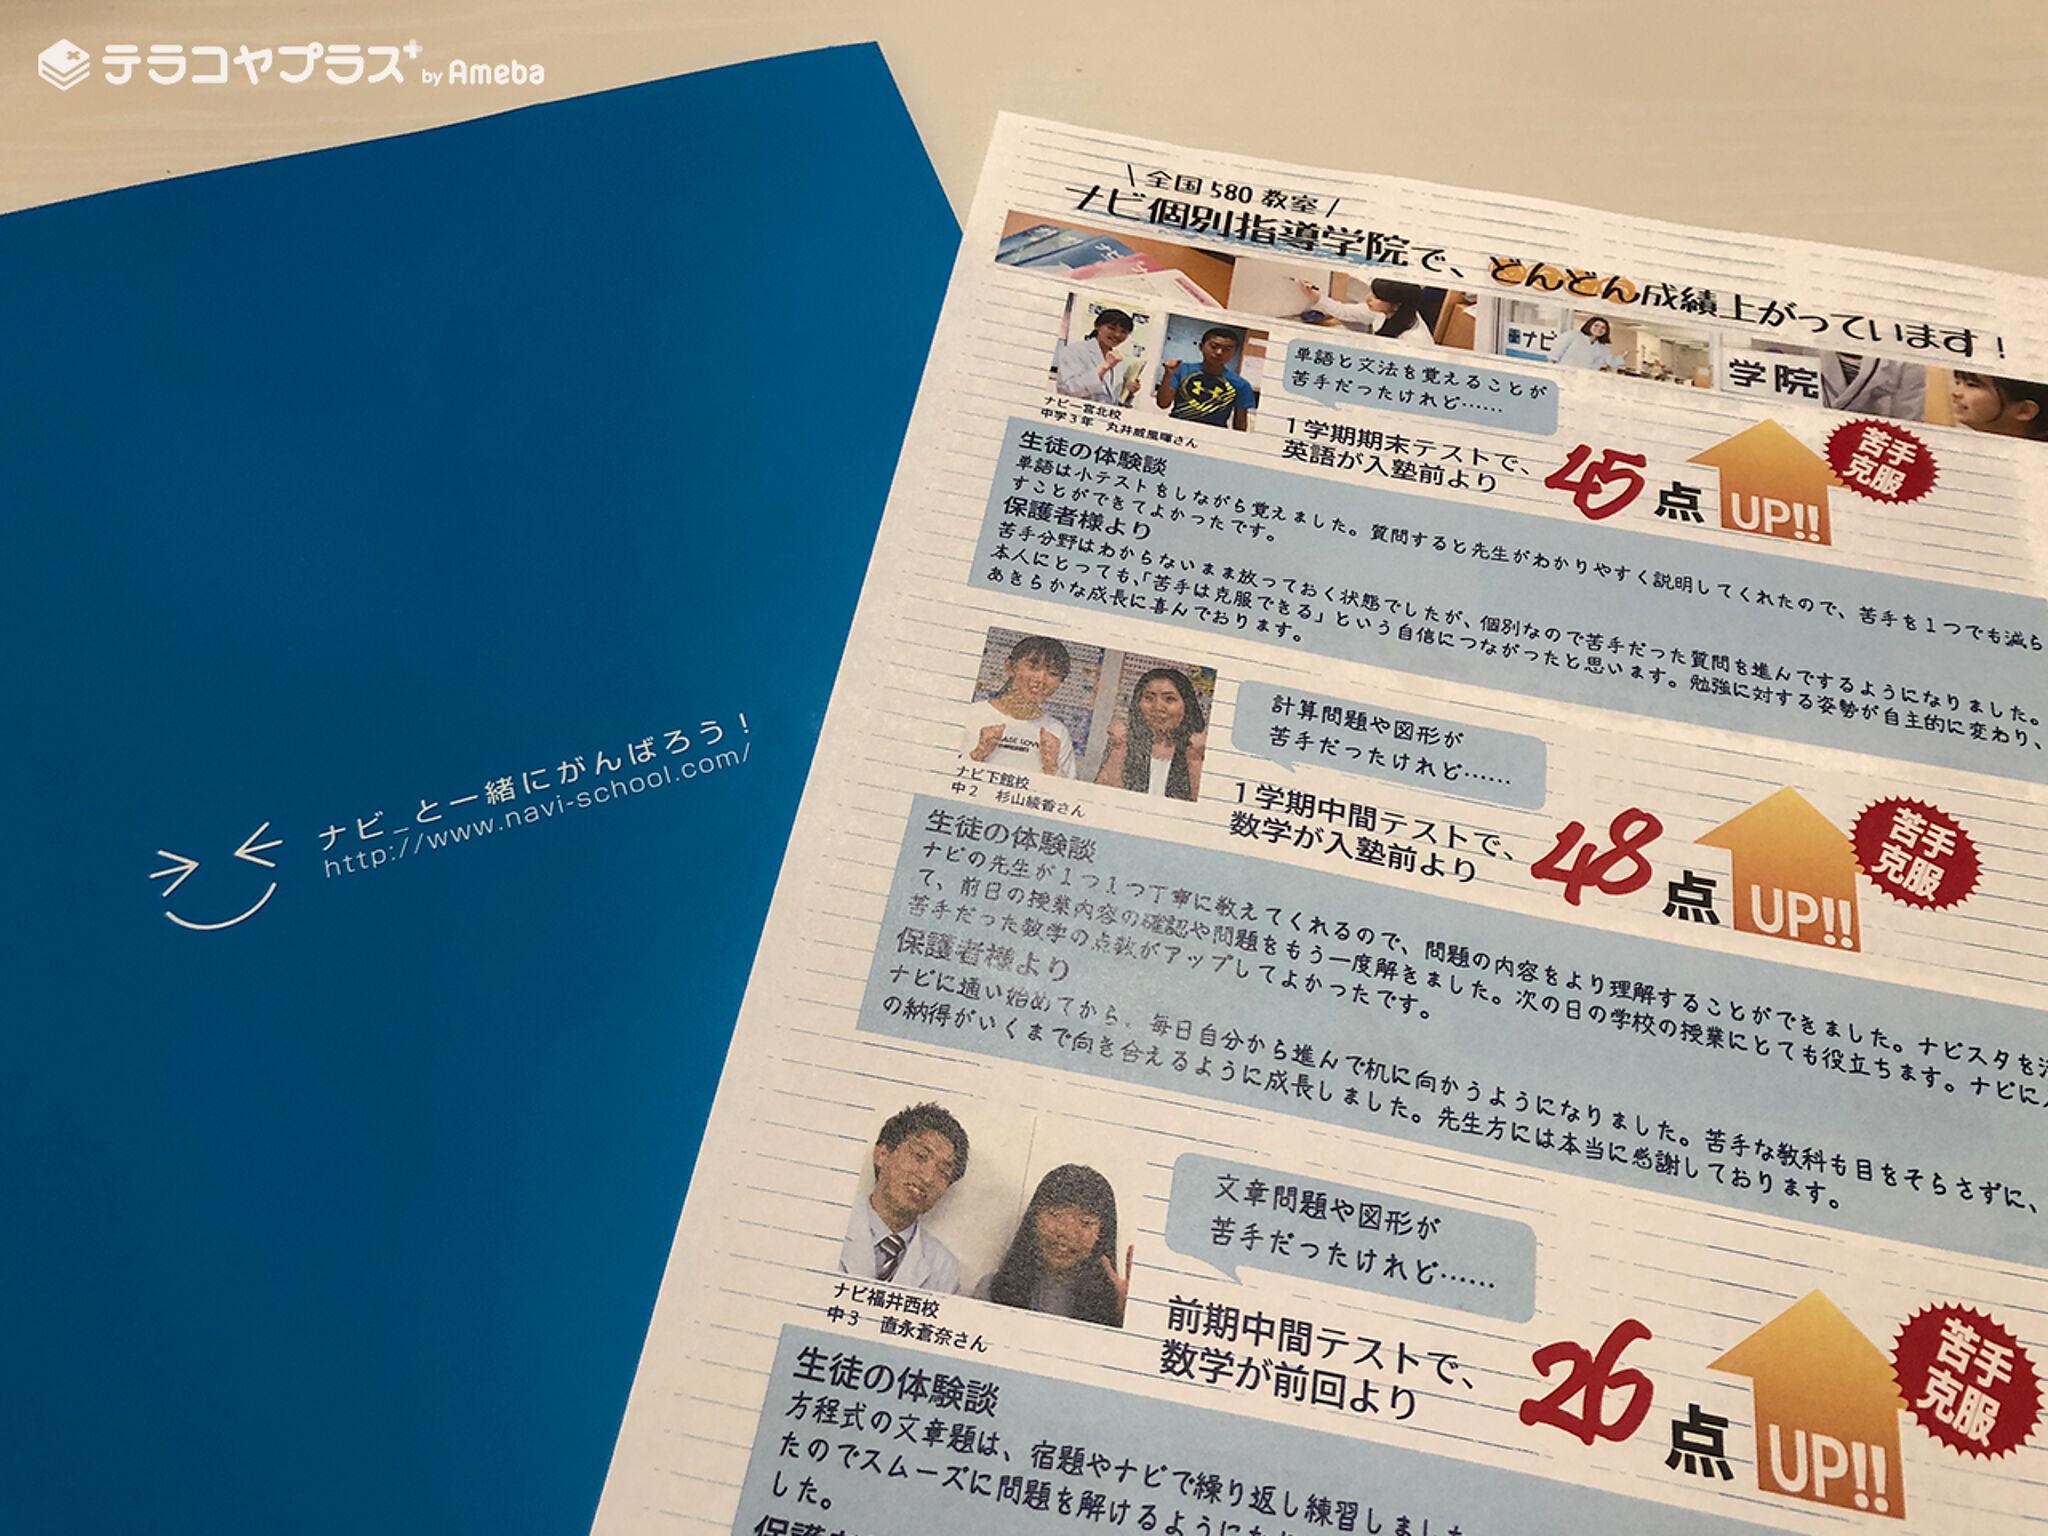 ナビ個別指導学院のパンフレットに同封されていた成績アップ事例集の資料画像